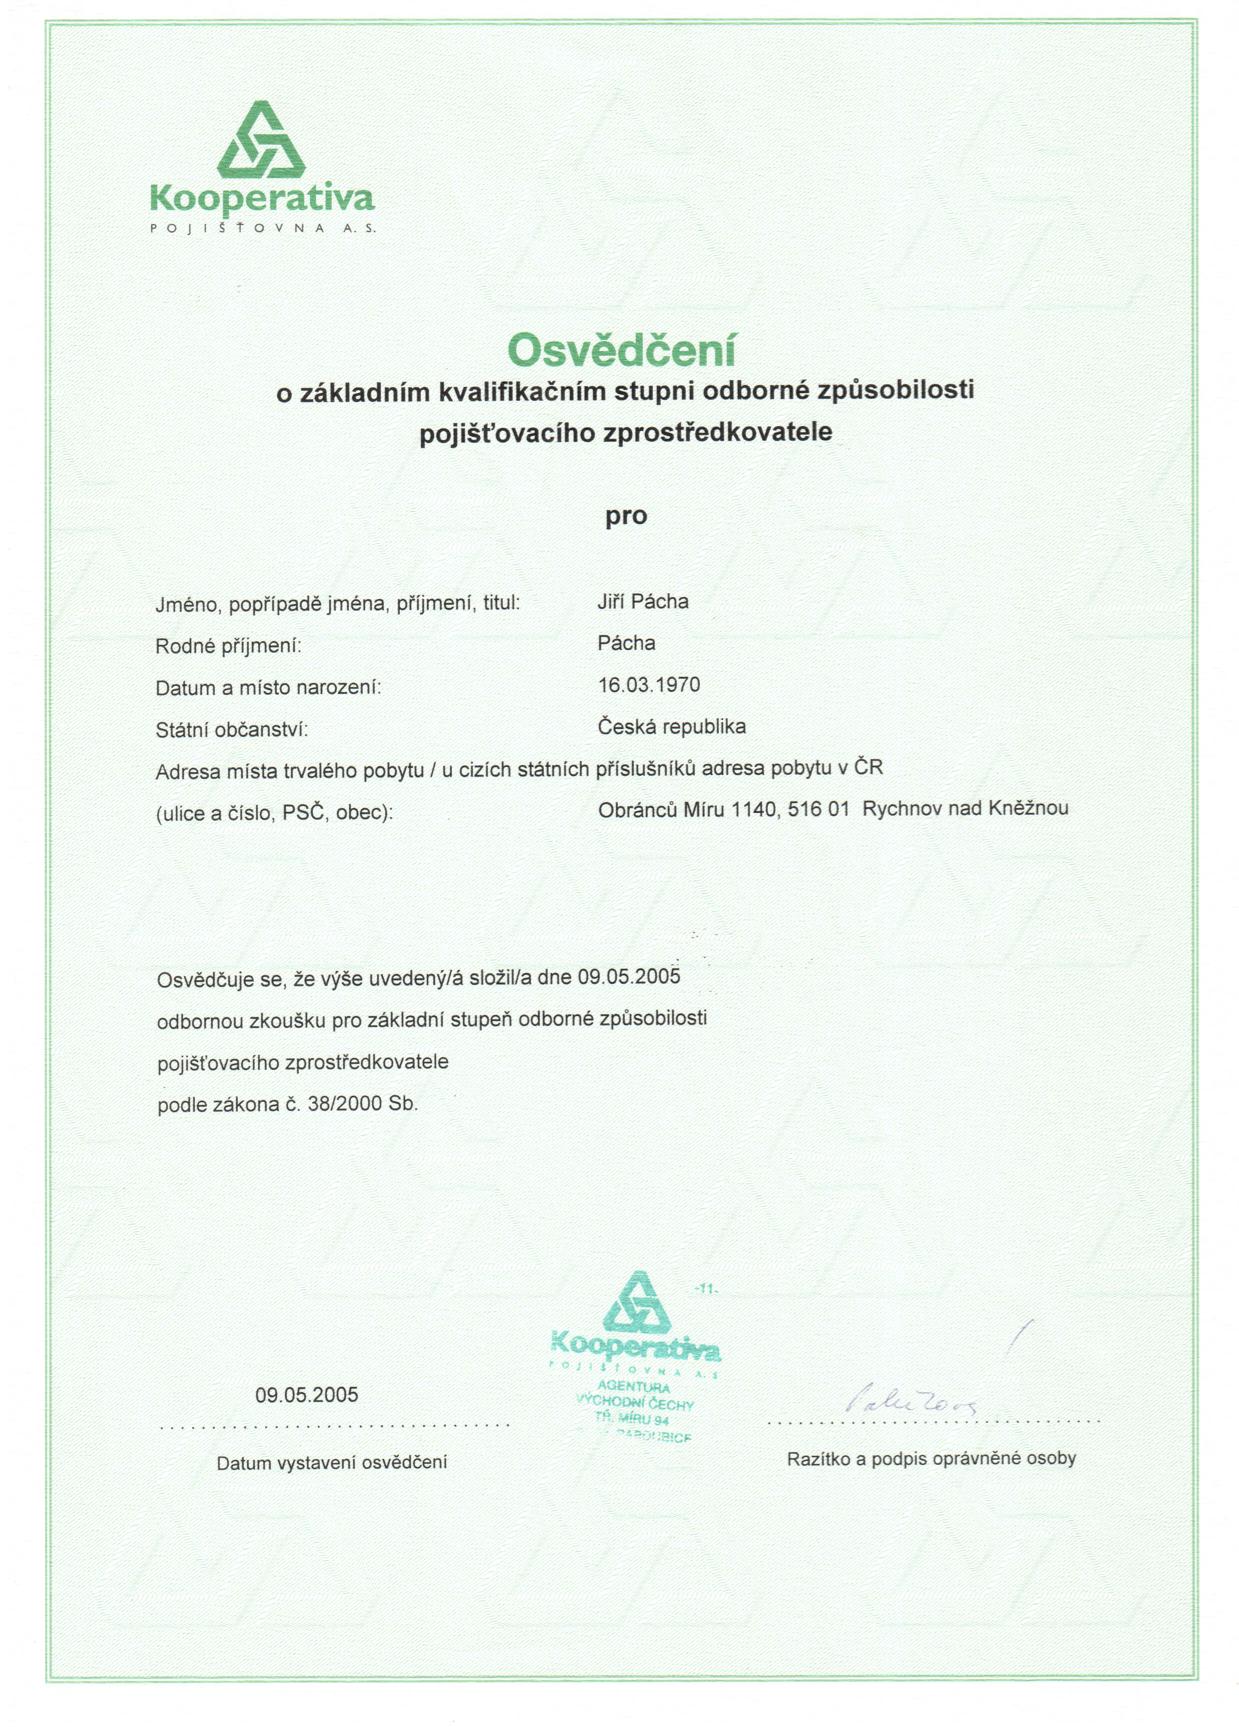 osvedceni o základním kvalifikačním stupni odborné způsobilosti 5.2005